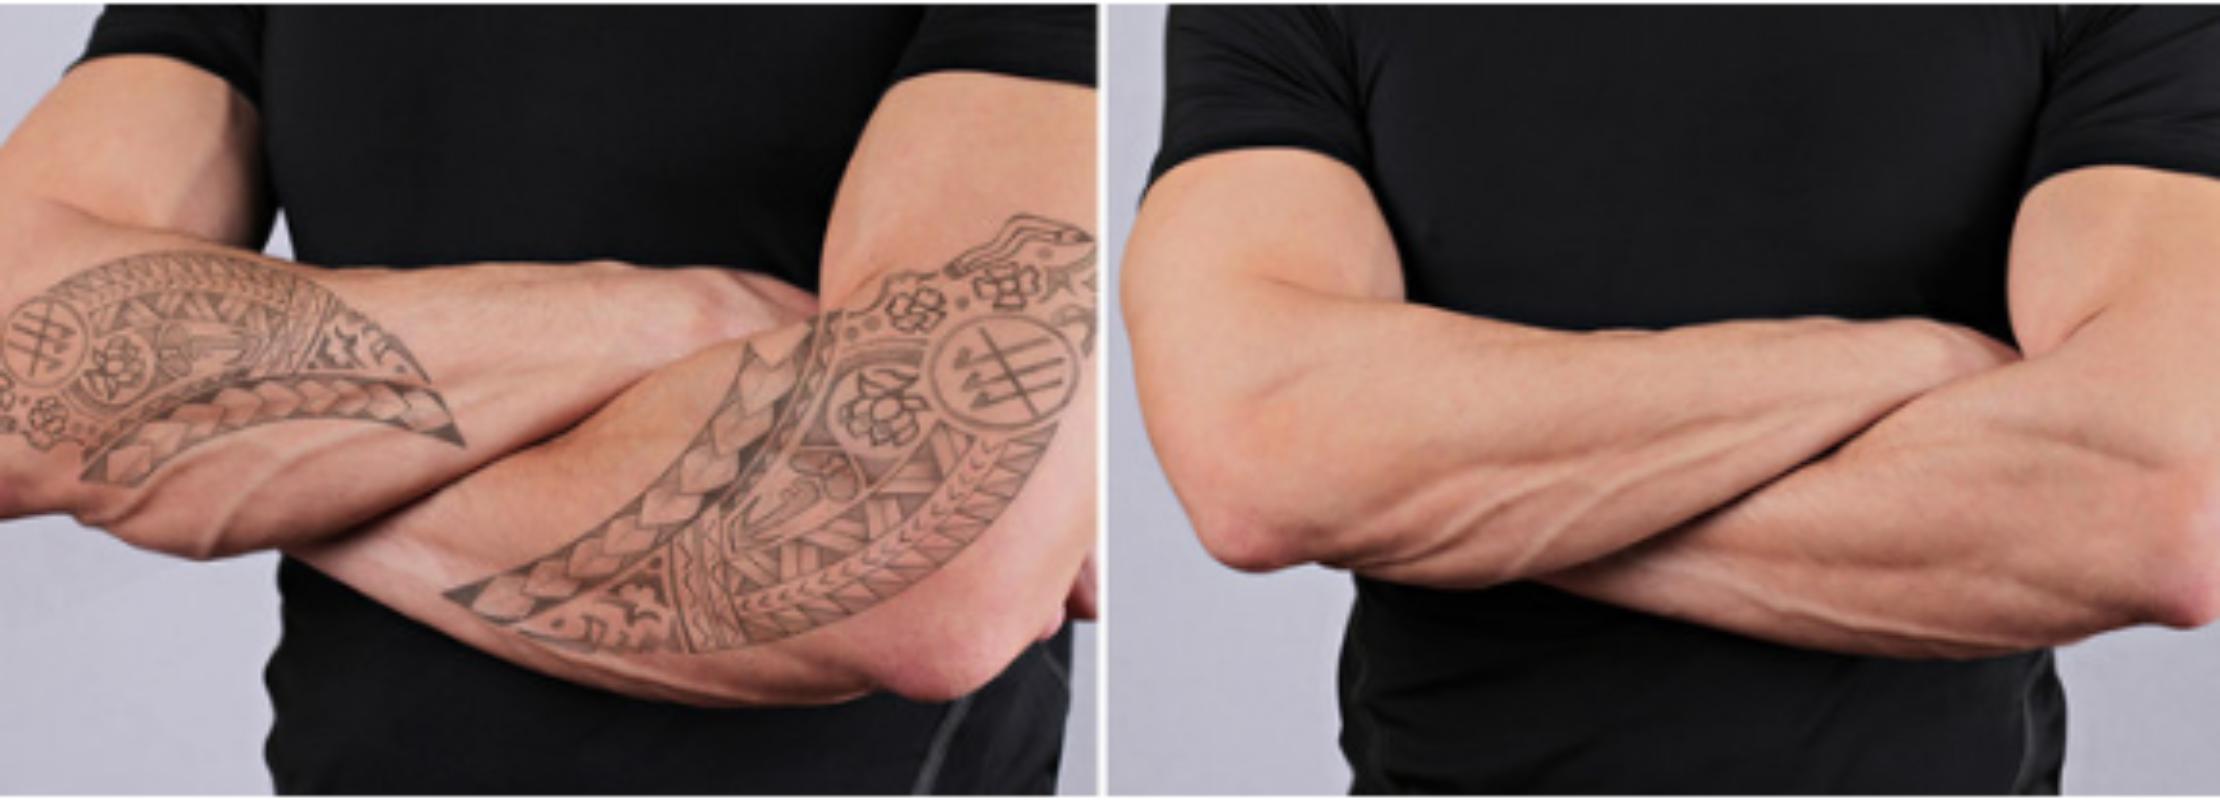 Catalogo Tattoo 2017 i tatuaggi del 2018: vediamo le ultime tendenza di quest'anno